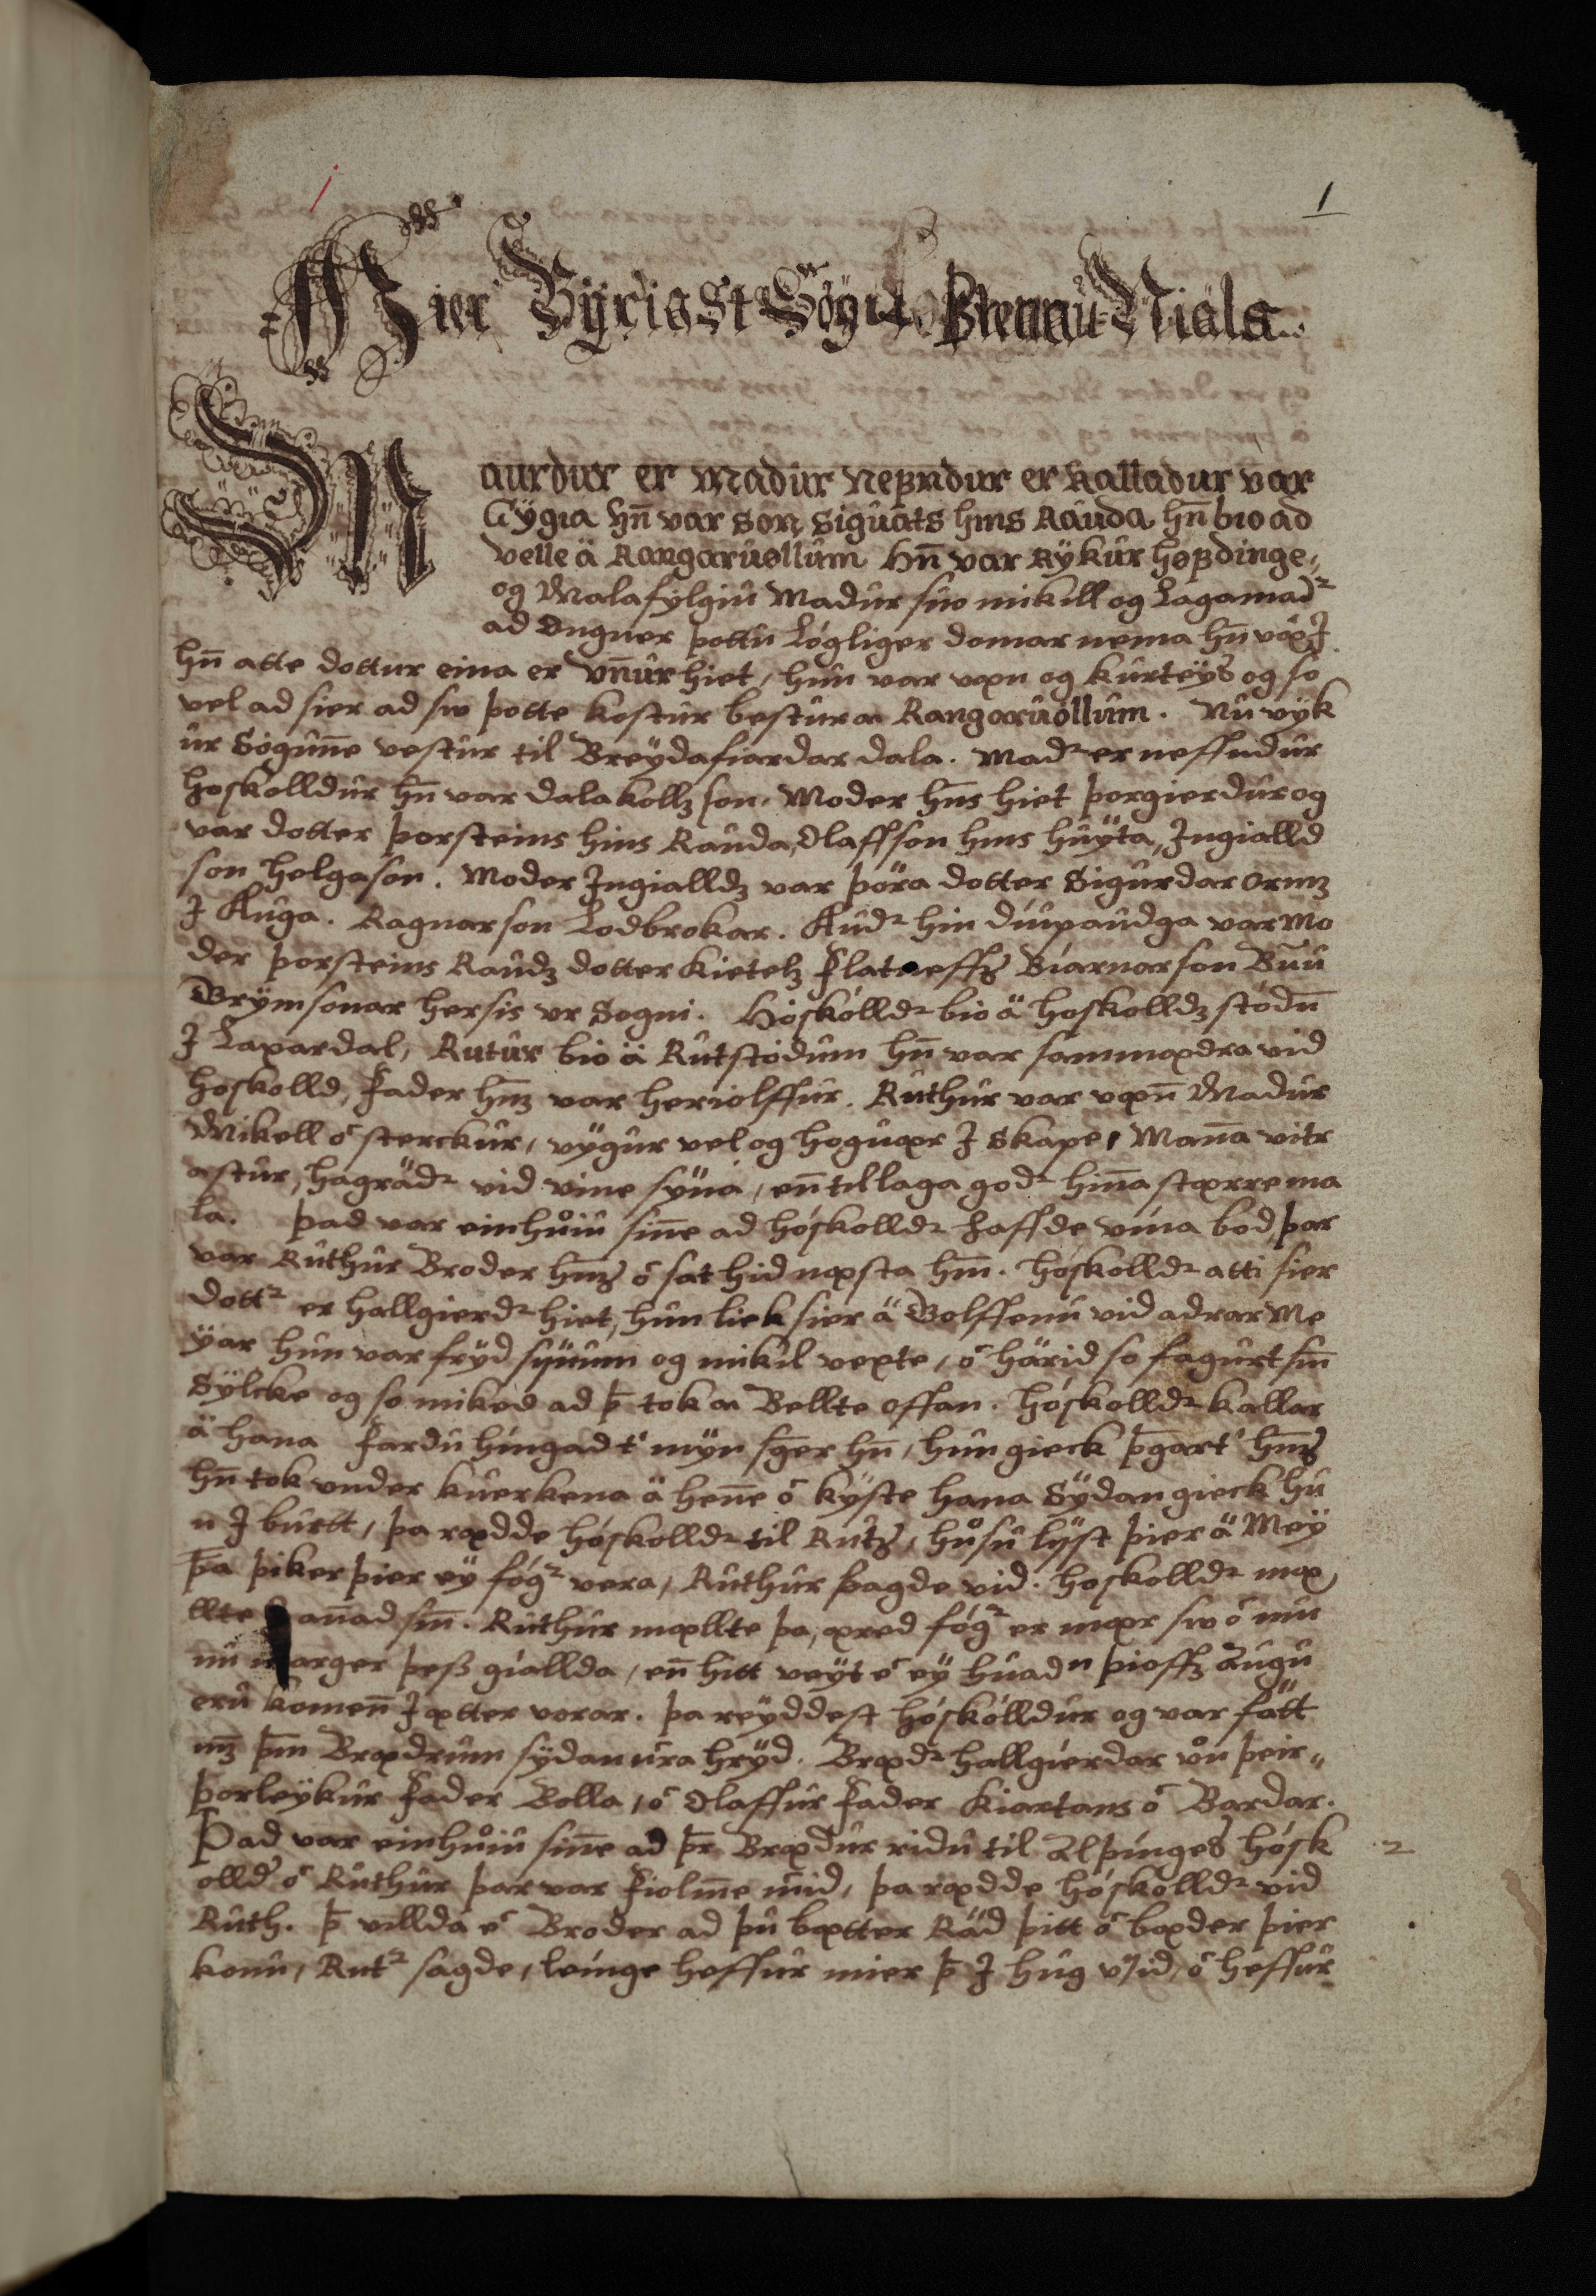 AM 136 fol - 1r